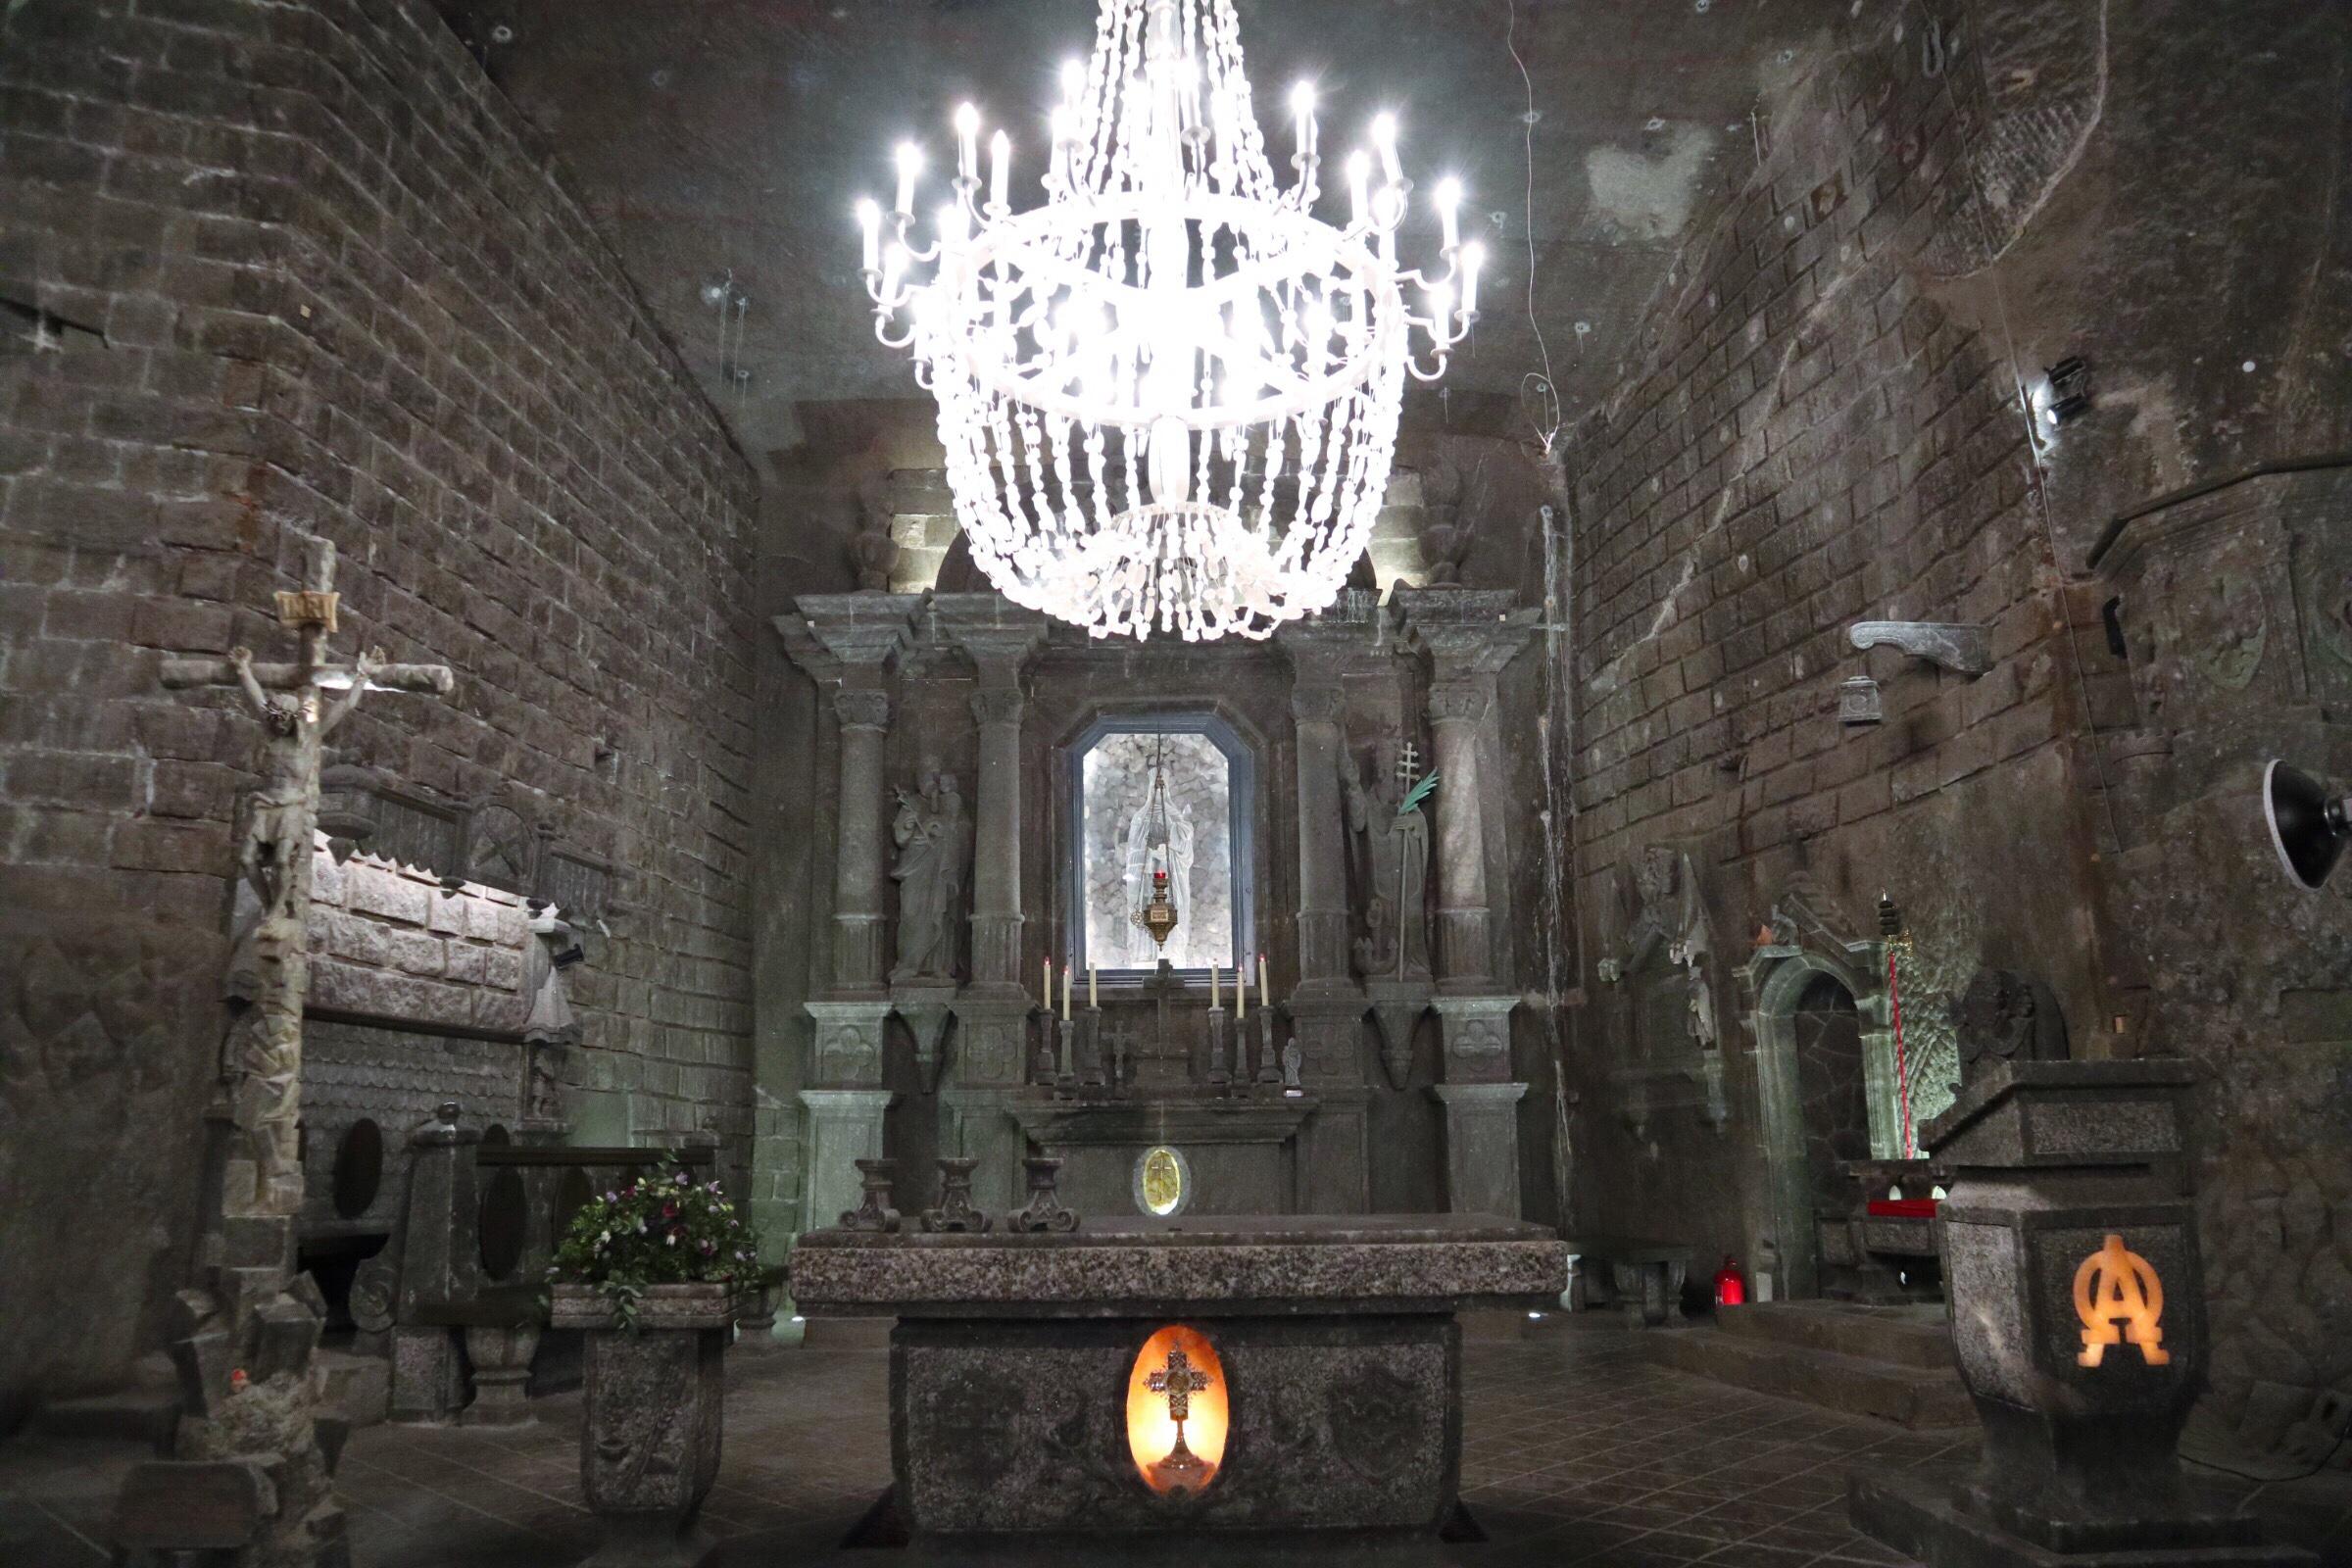 【ポーランド】世界遺産クラクフ旧市街&ヴィエリチカ岩塩坑【観光】